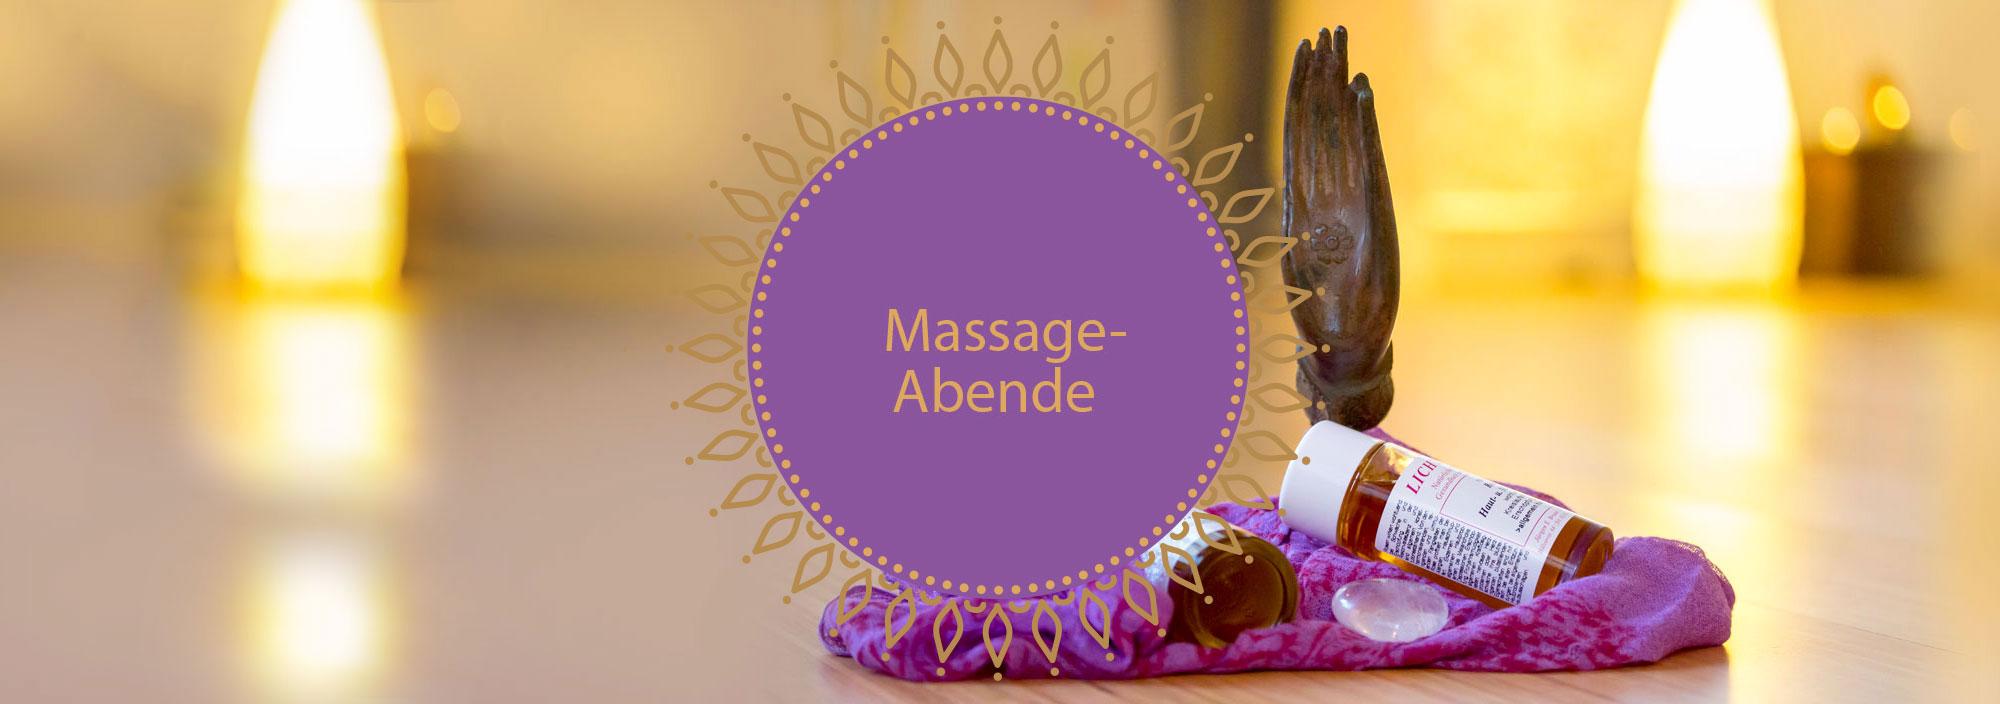 Massage Kurse am Abend